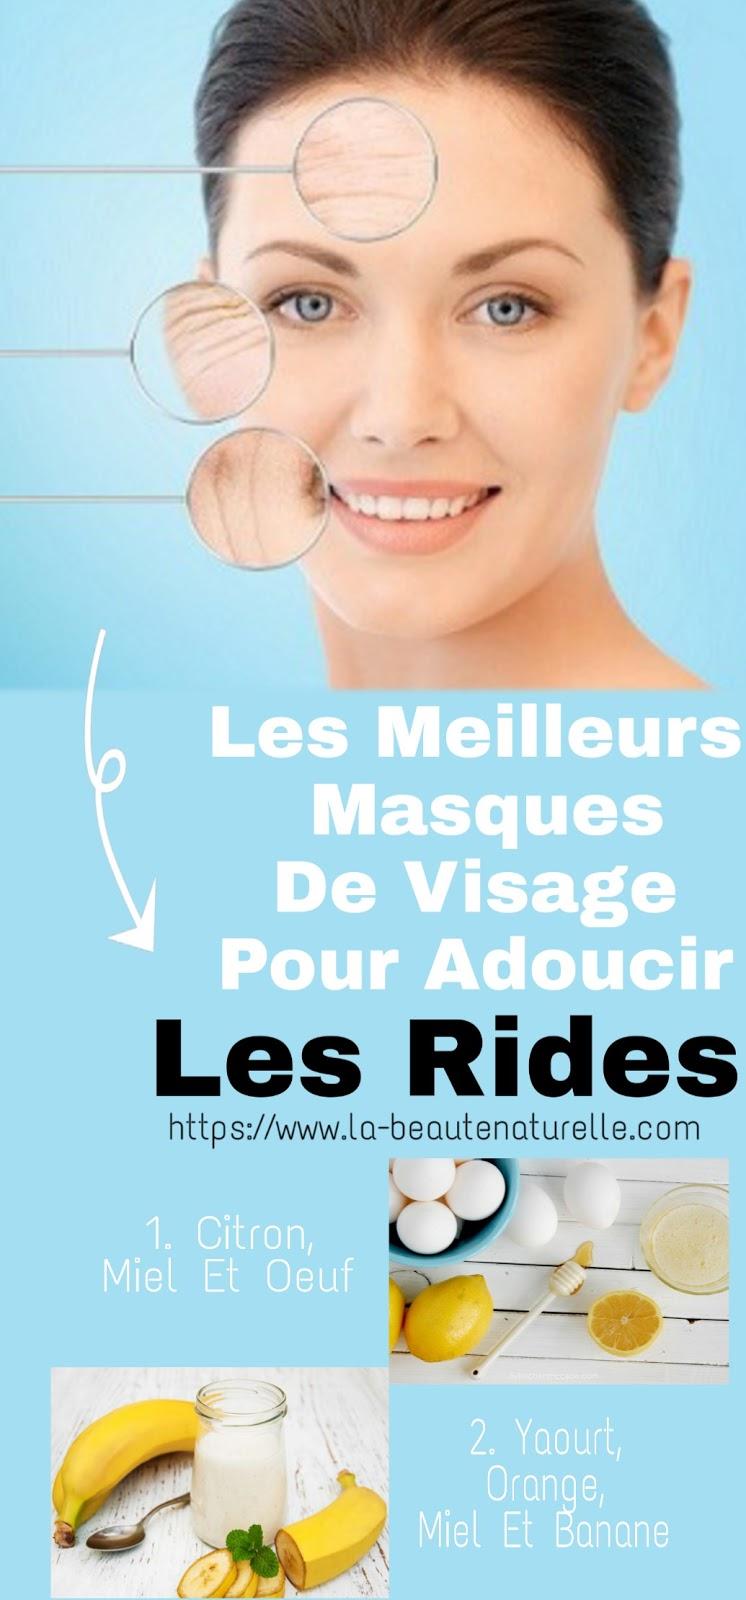 Les Meilleurs Masques De Visage Pour Adoucir Les Rides